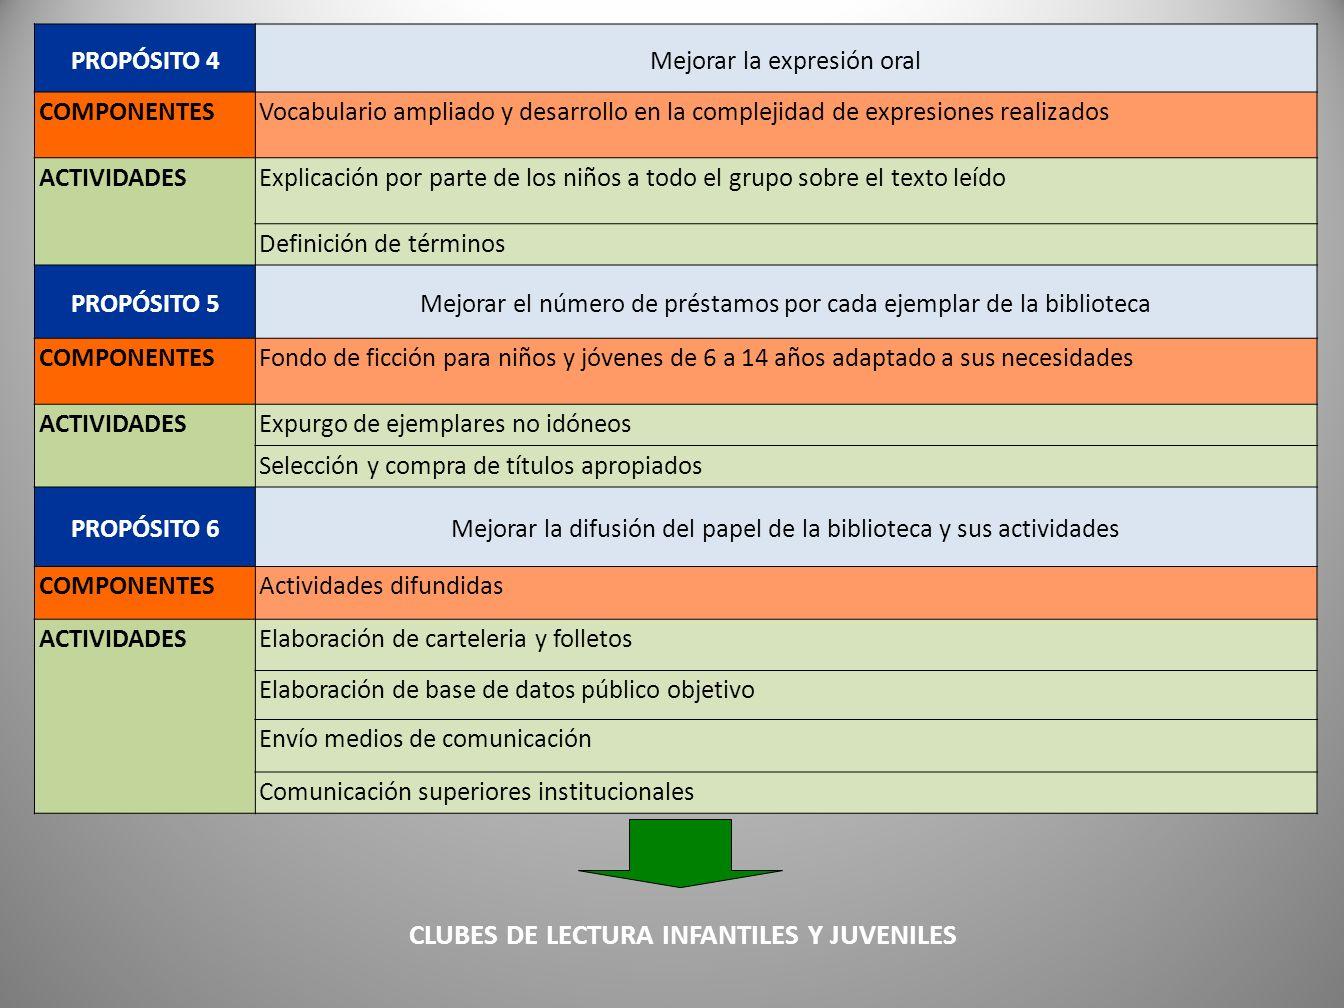 CLUBES DE LECTURA INFANTILES Y JUVENILES